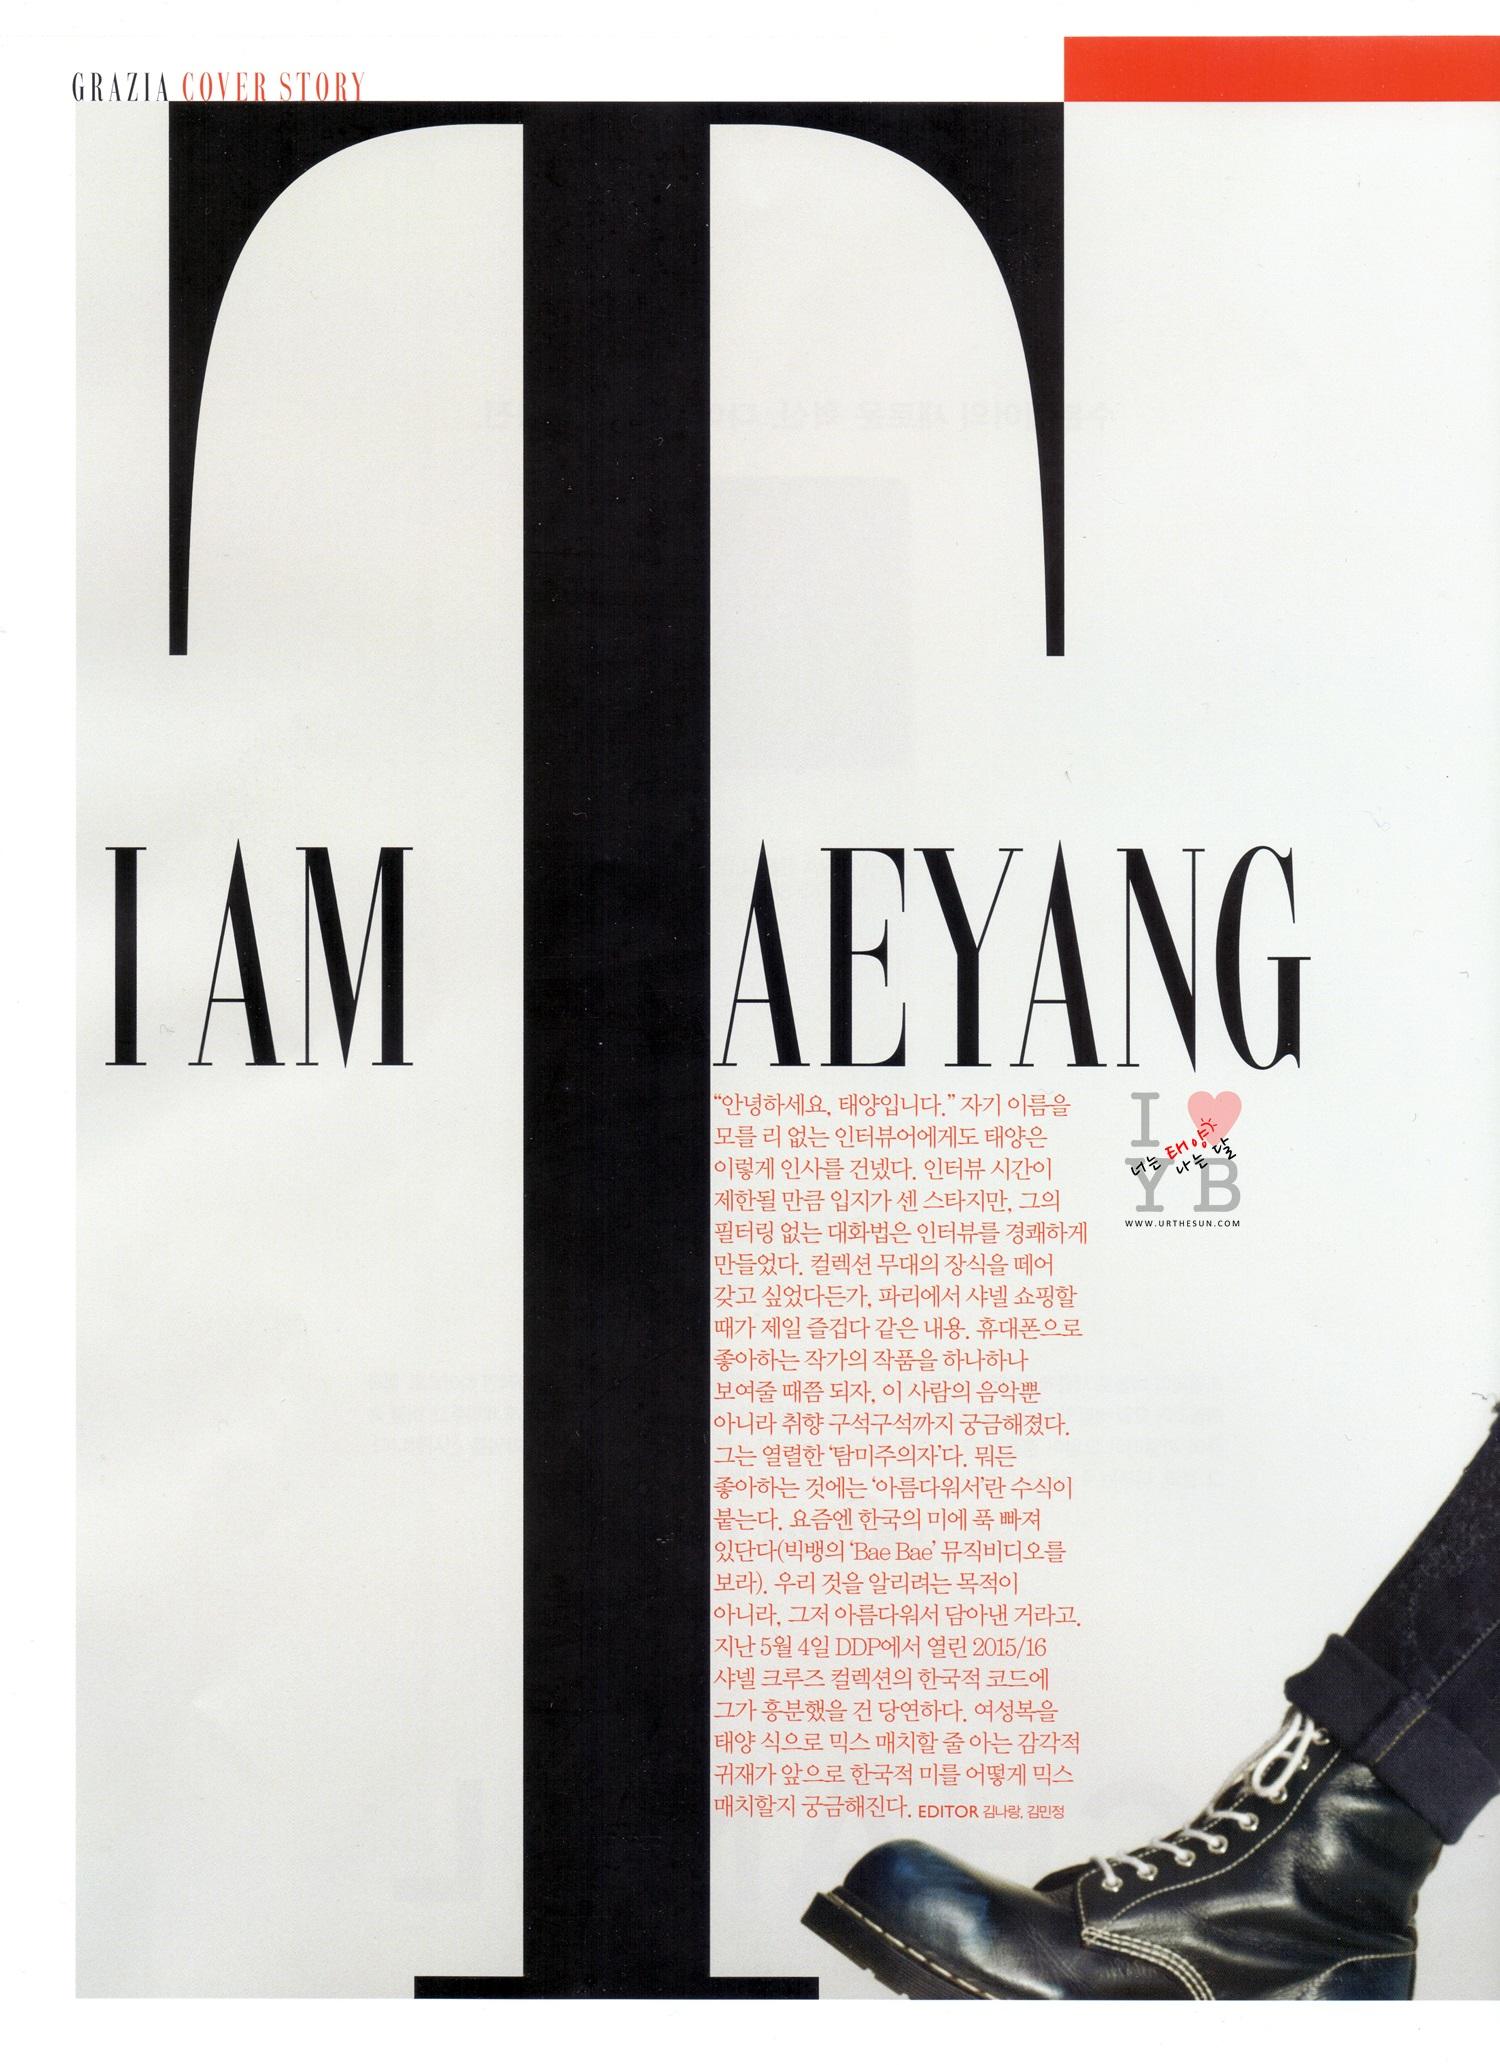 Tae Yang - Grazia - Jun2015 - Urthesun - 02.jpg